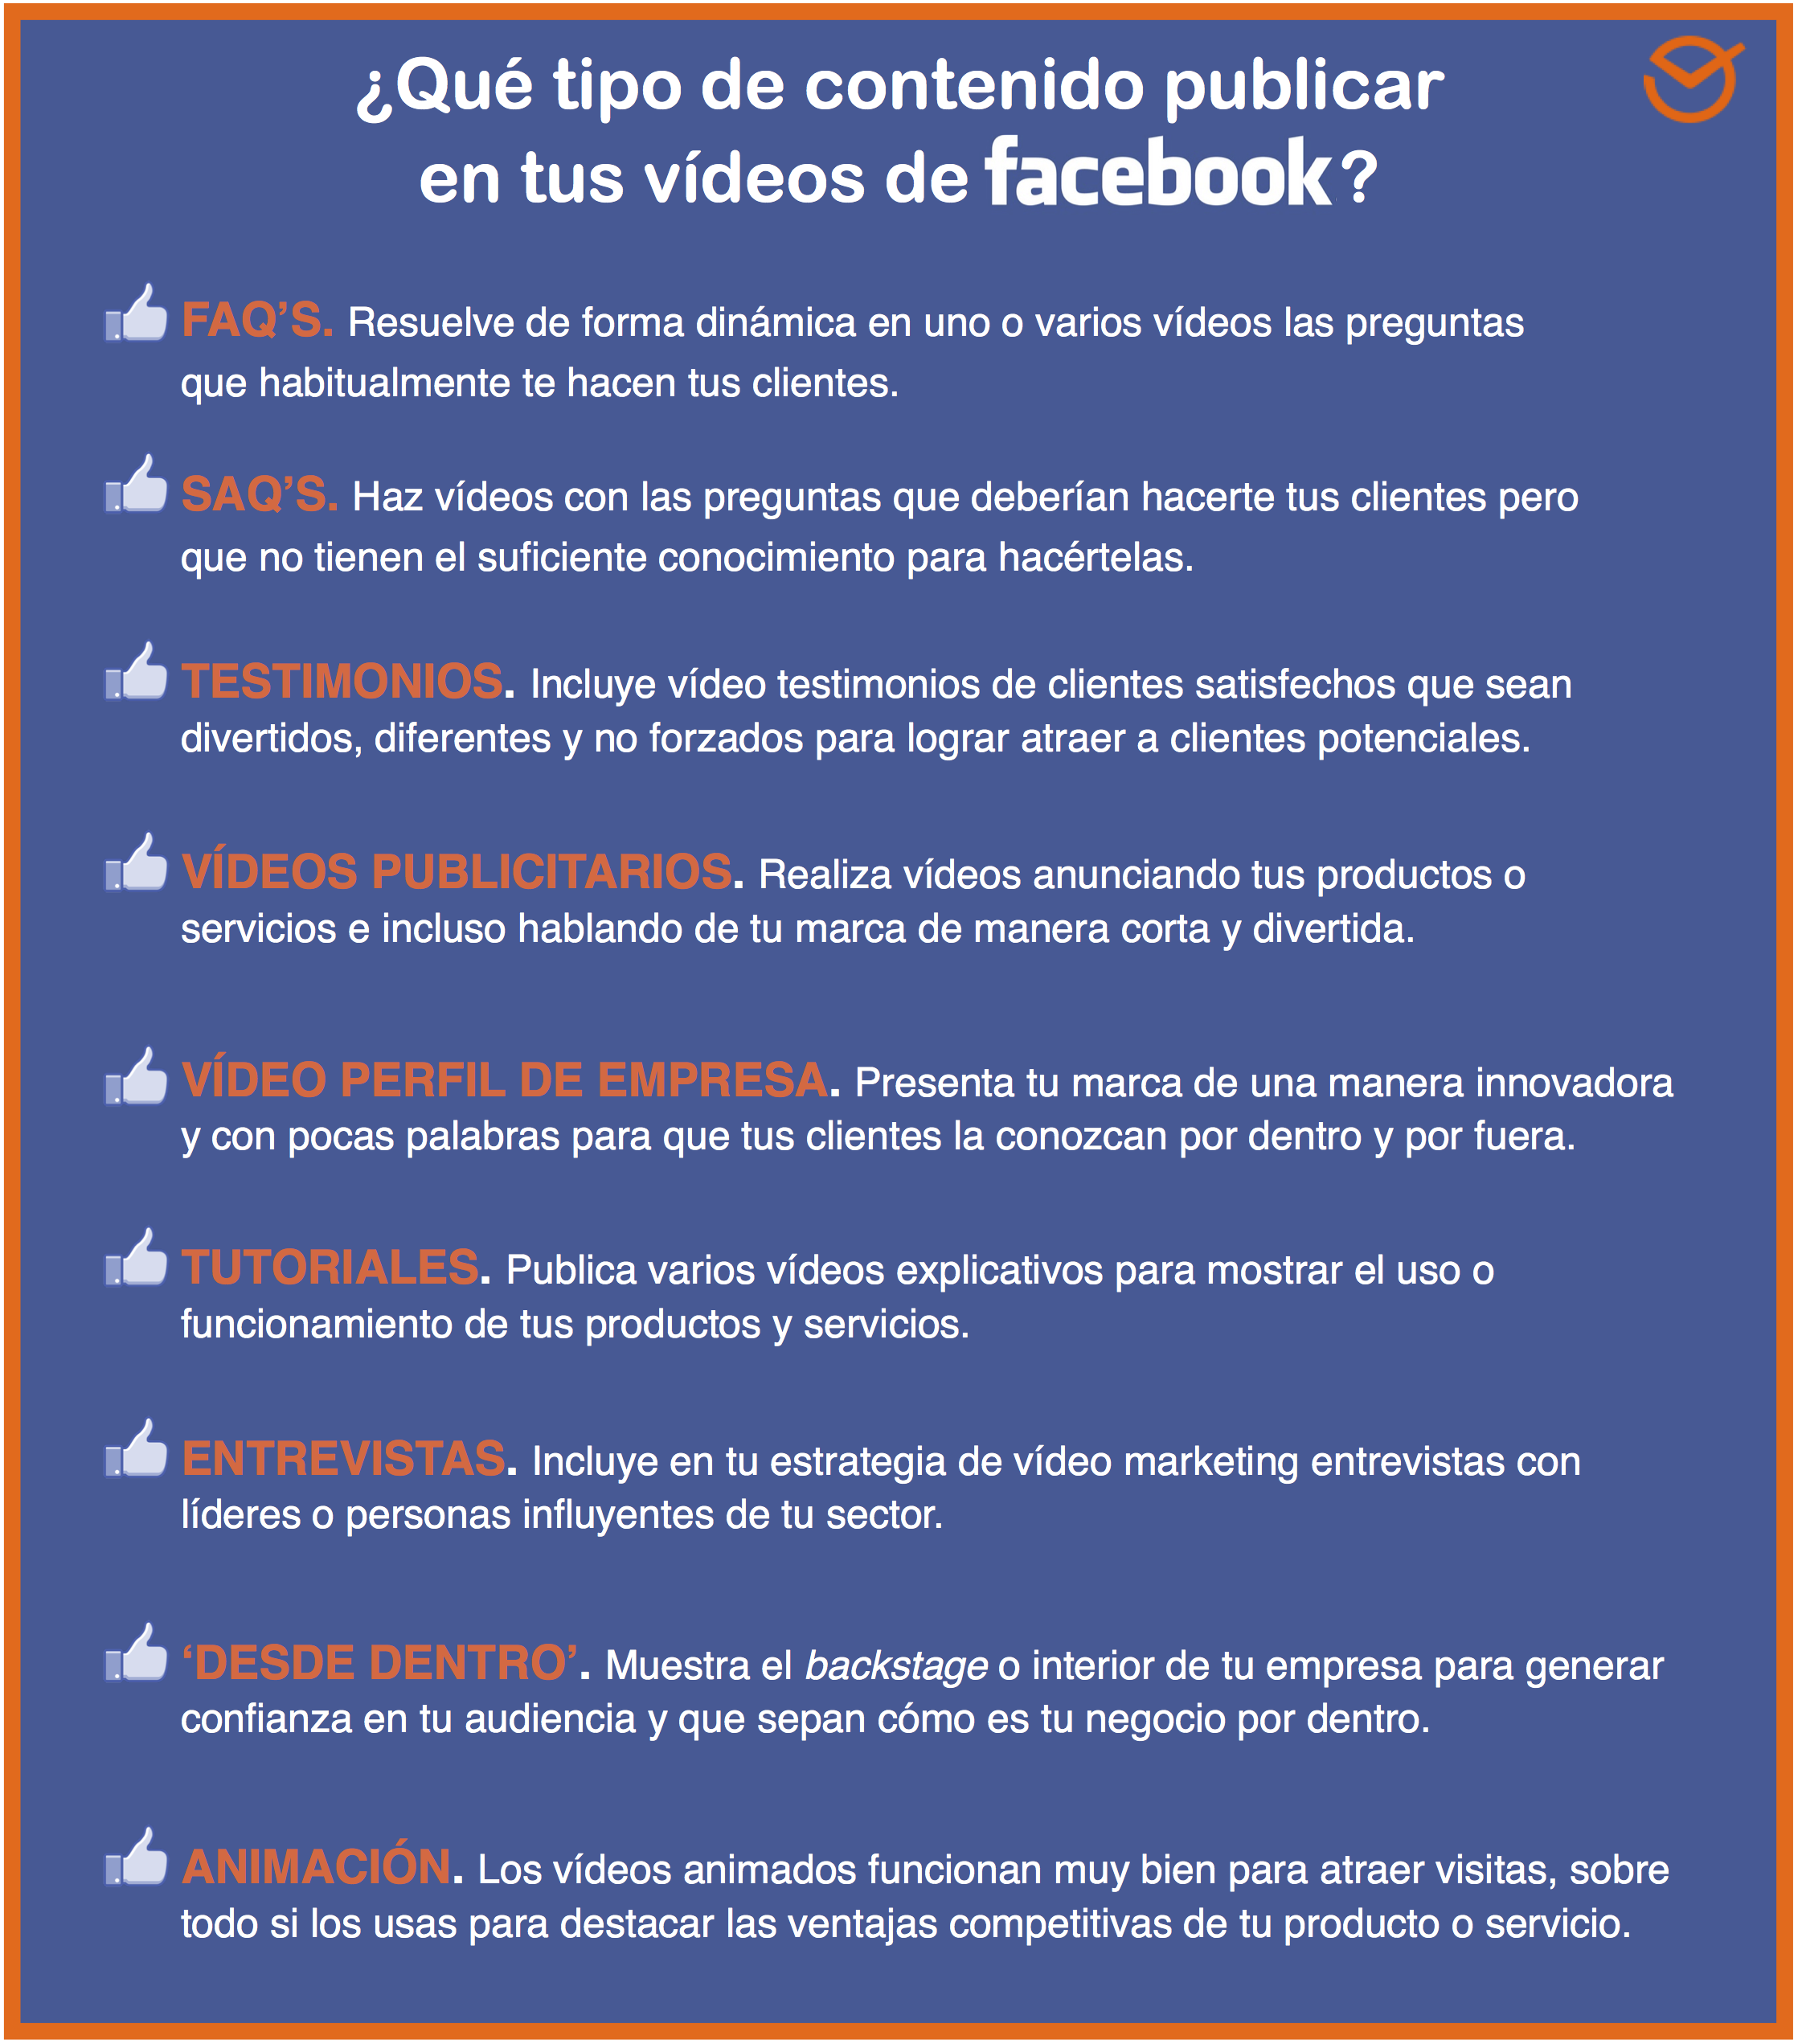 Los 7 Mejores Consejos para Publicar Vídeos en Facebook 39eea31c6c5